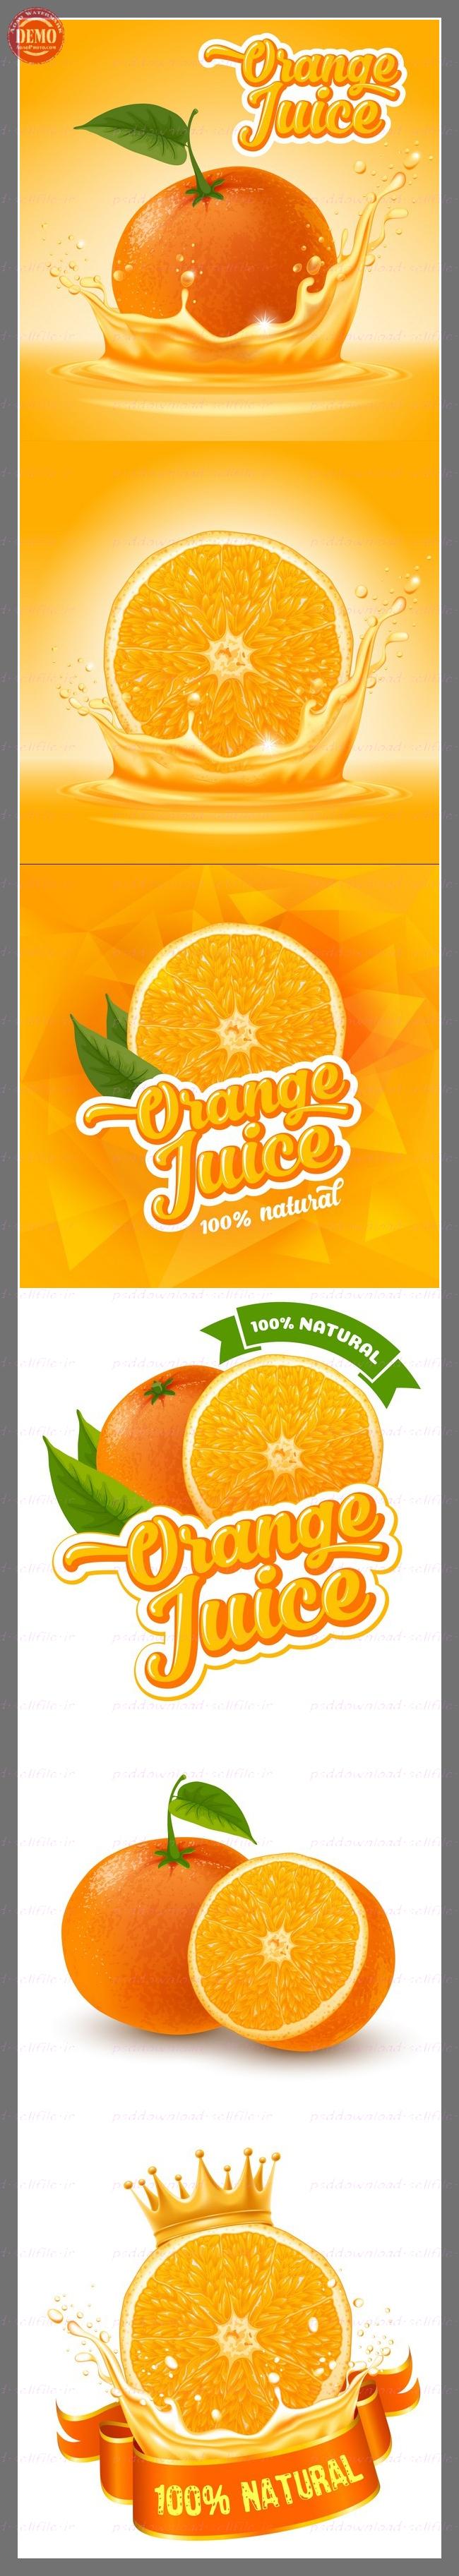 وکتور برچسب آب پرتقال